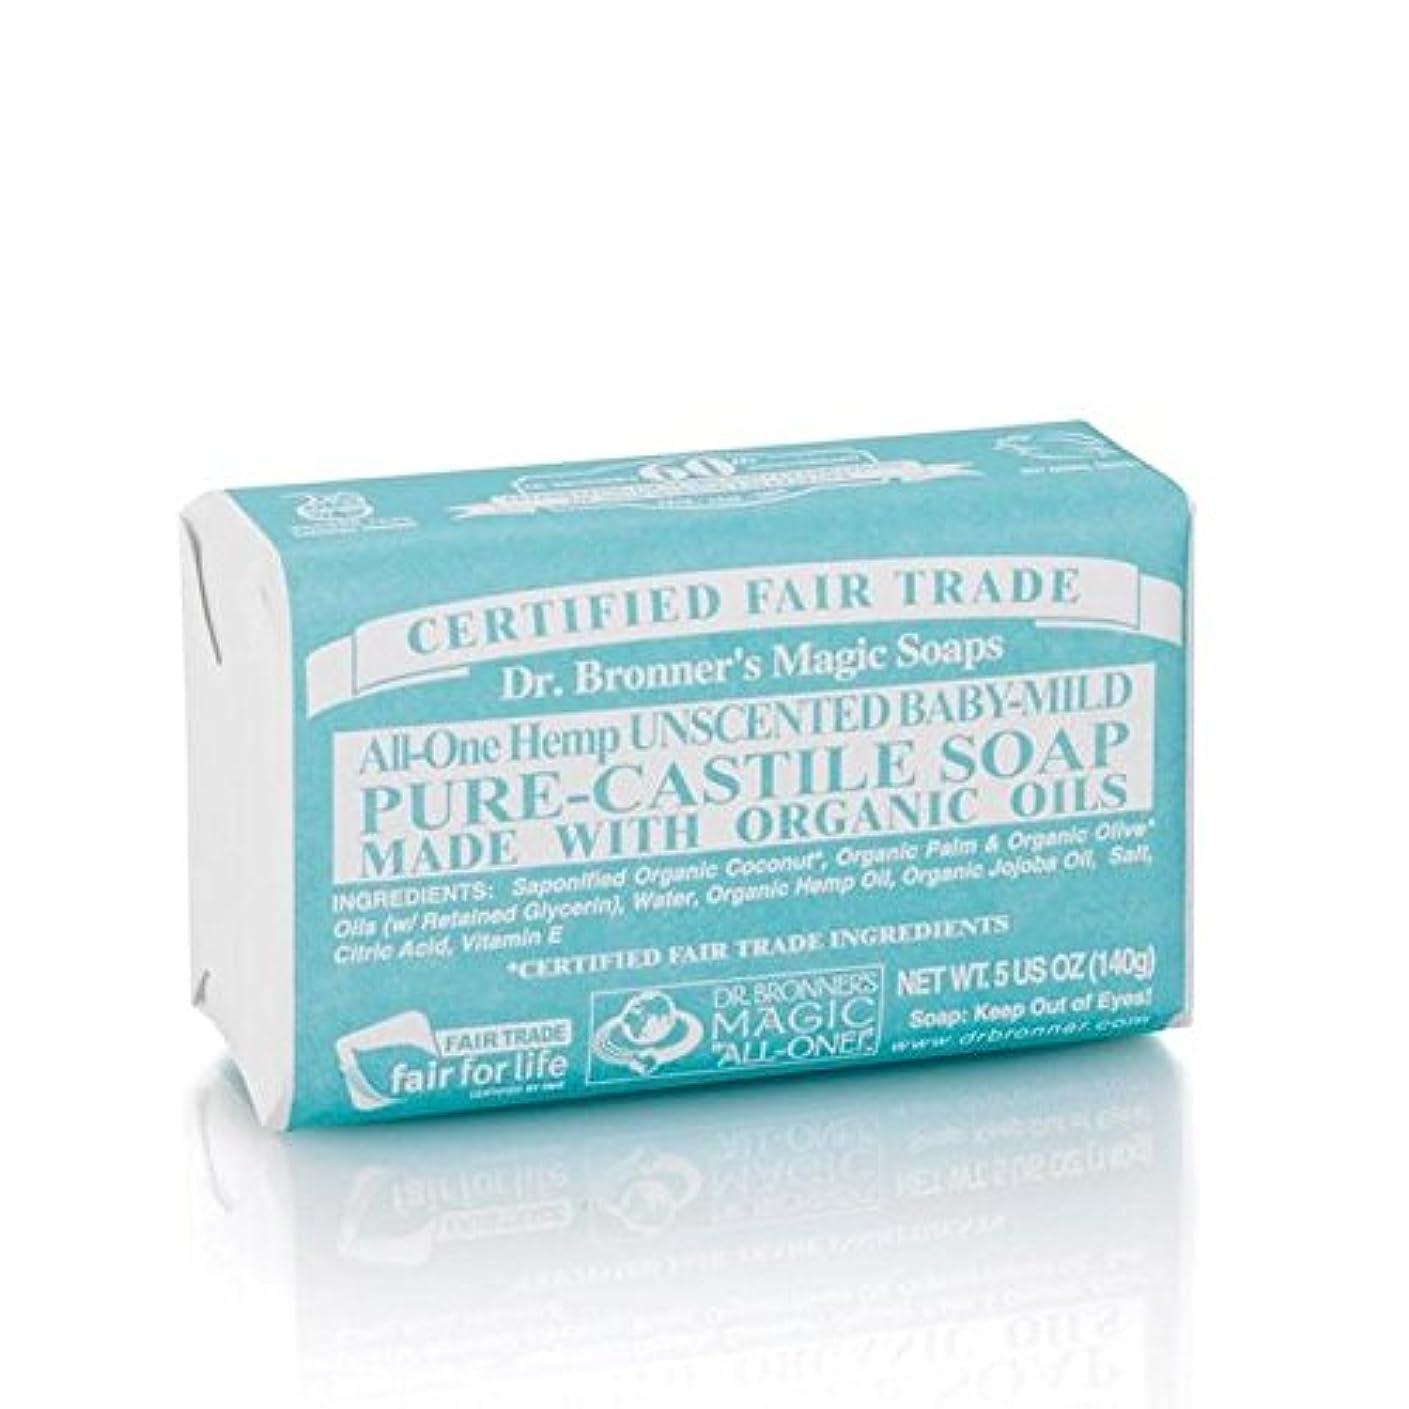 科学的考慮発掘するのブロナーオーガニックベビーマイルドソープバー140グラム x4 - Dr Bronner Organic Baby Mild Soap Bar 140g (Pack of 4) [並行輸入品]